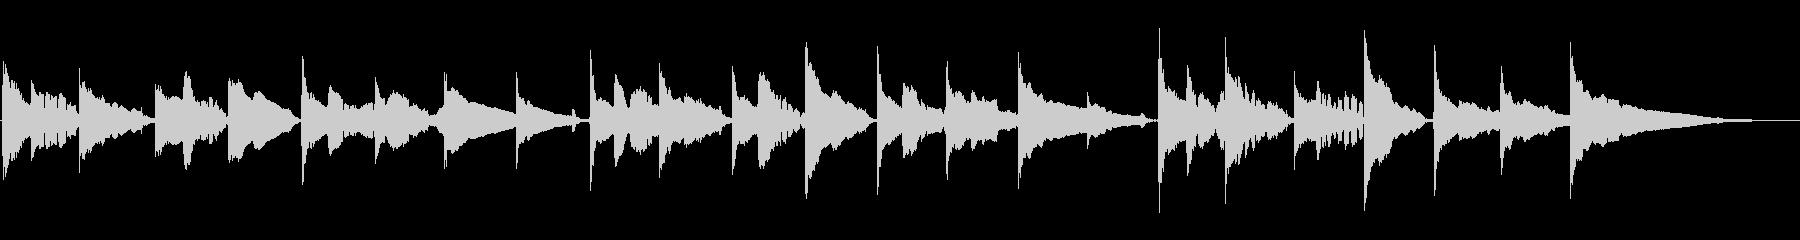 サックスとギターの琴線に触れる曲の未再生の波形